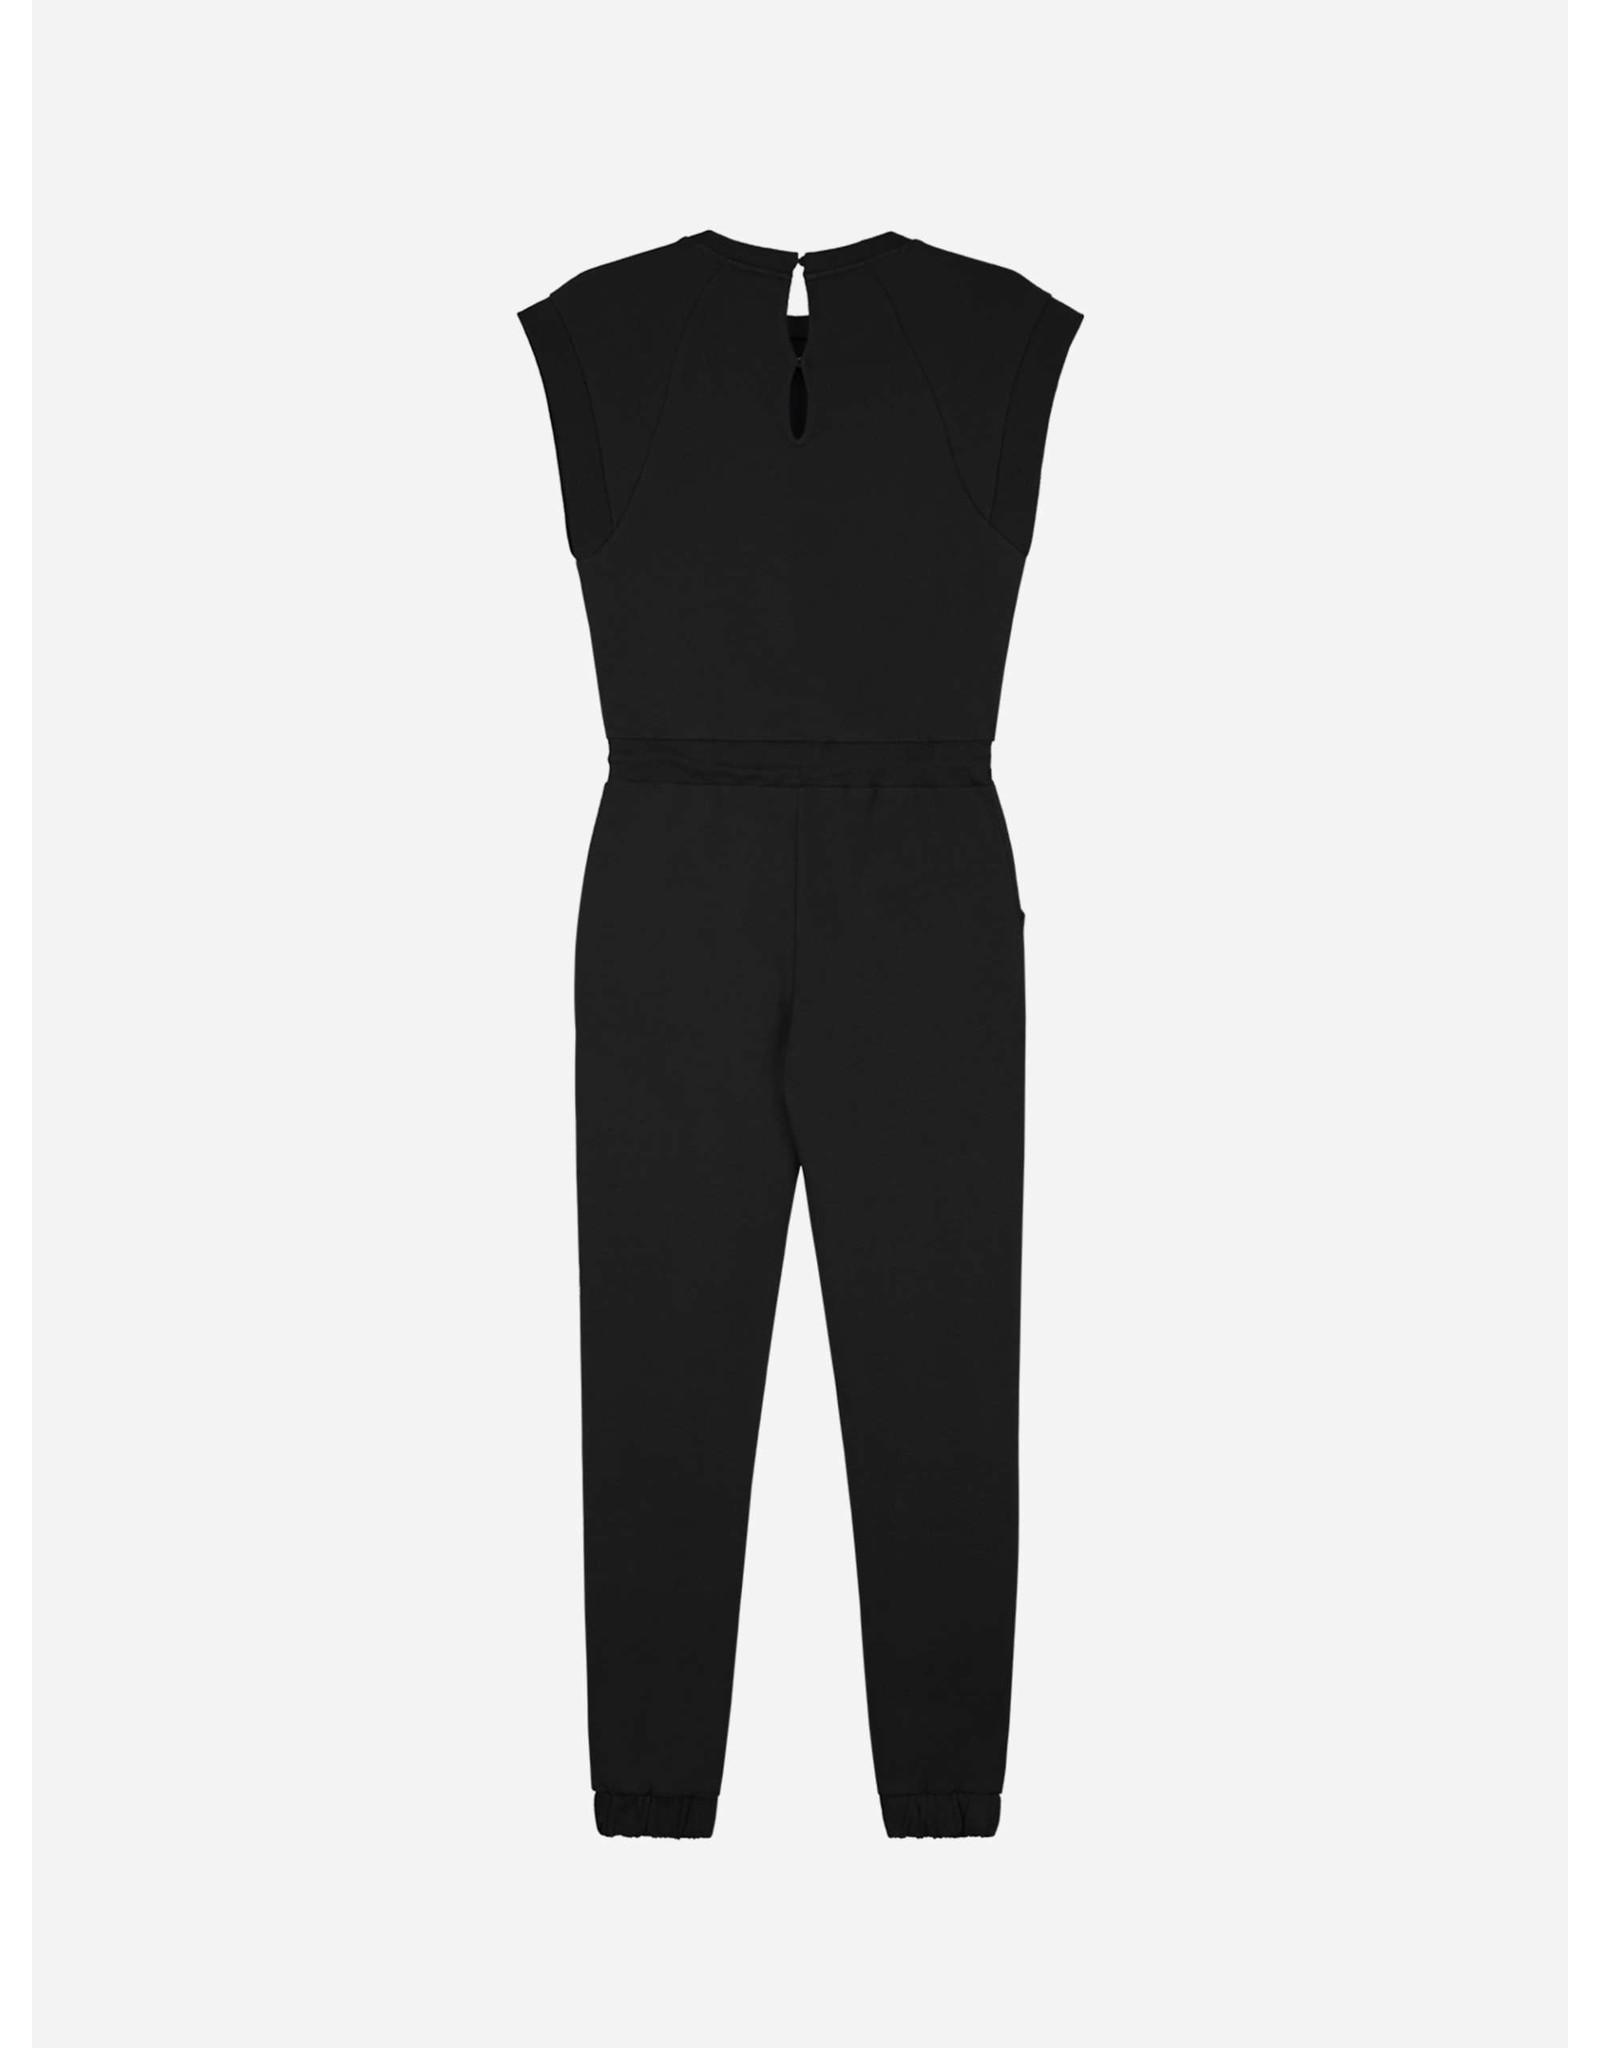 Nik&Nik NIK&NIK Fruta Jumpsuit Black